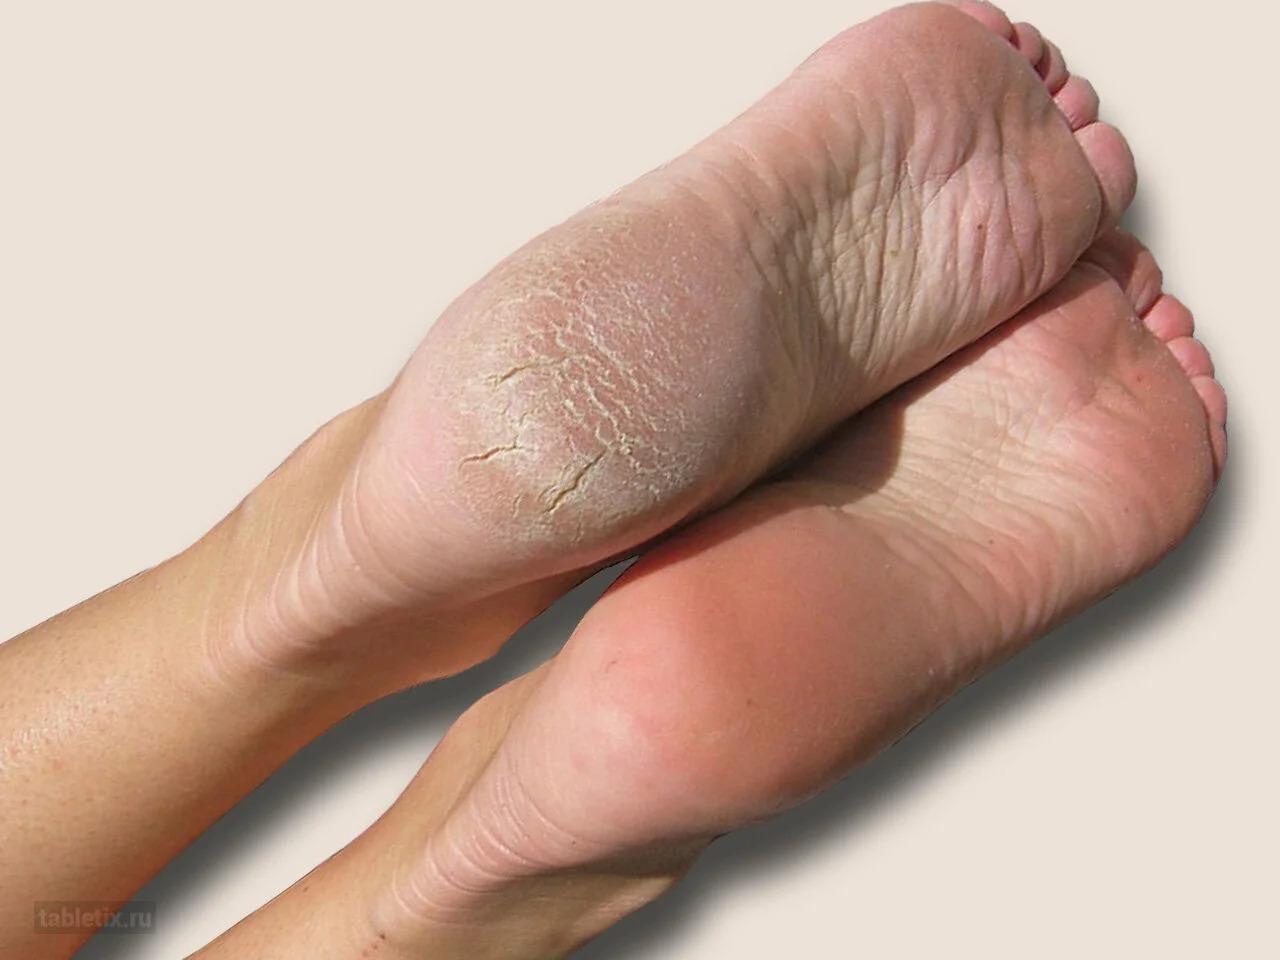 Трещина кости ноги: симптомы, признаки, лечение